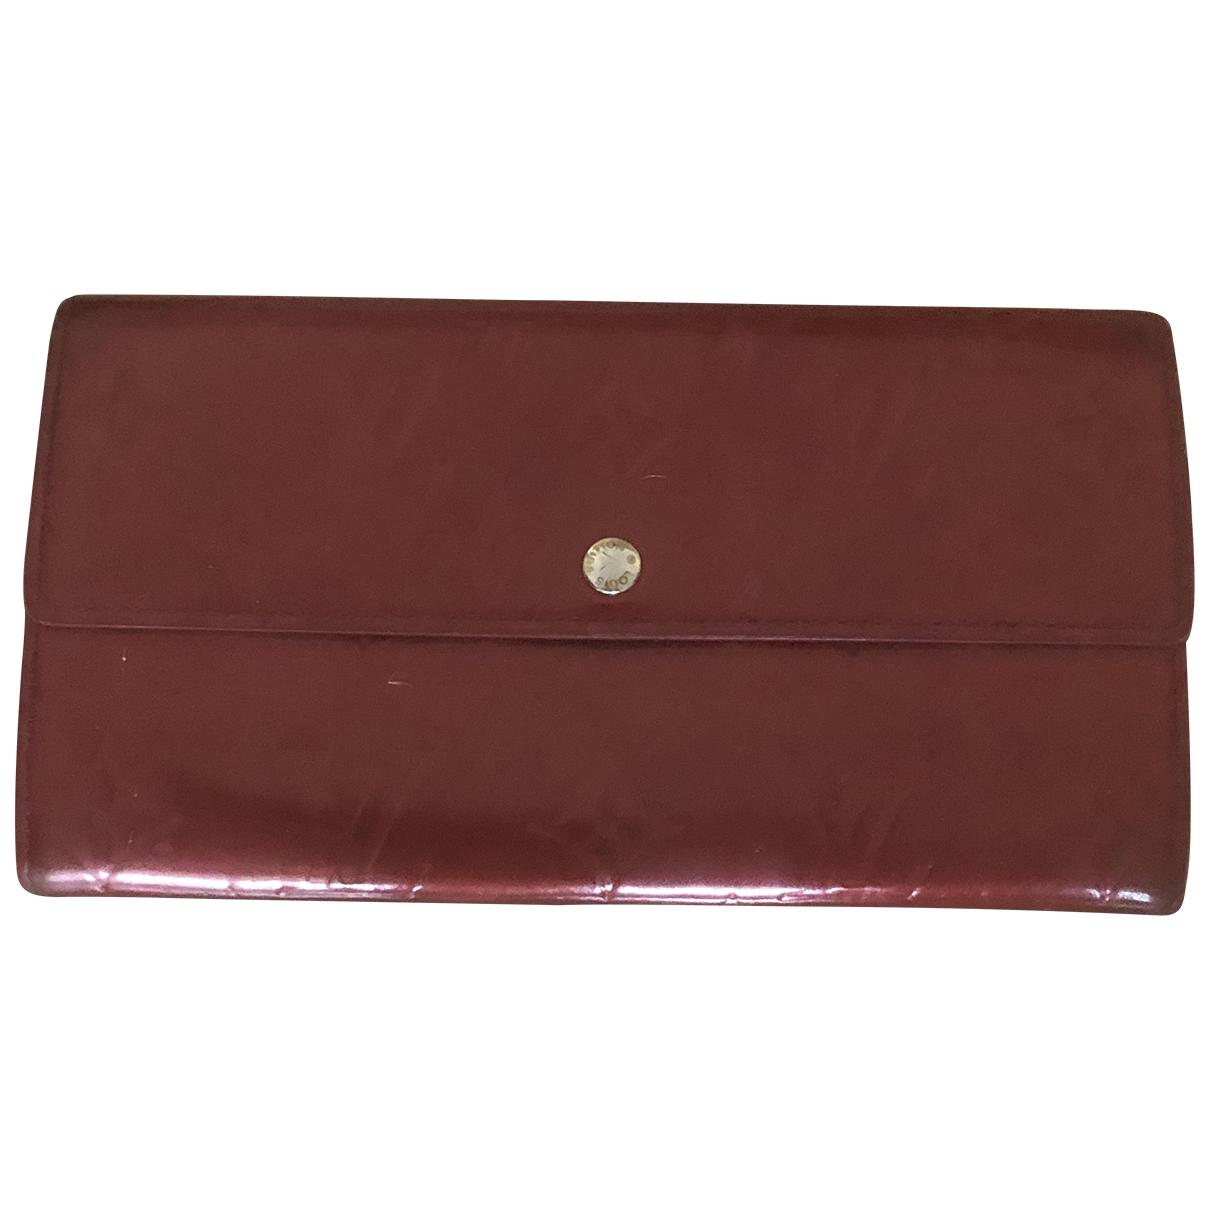 Louis Vuitton - Portefeuille Sarah pour femme en cuir verni - rouge